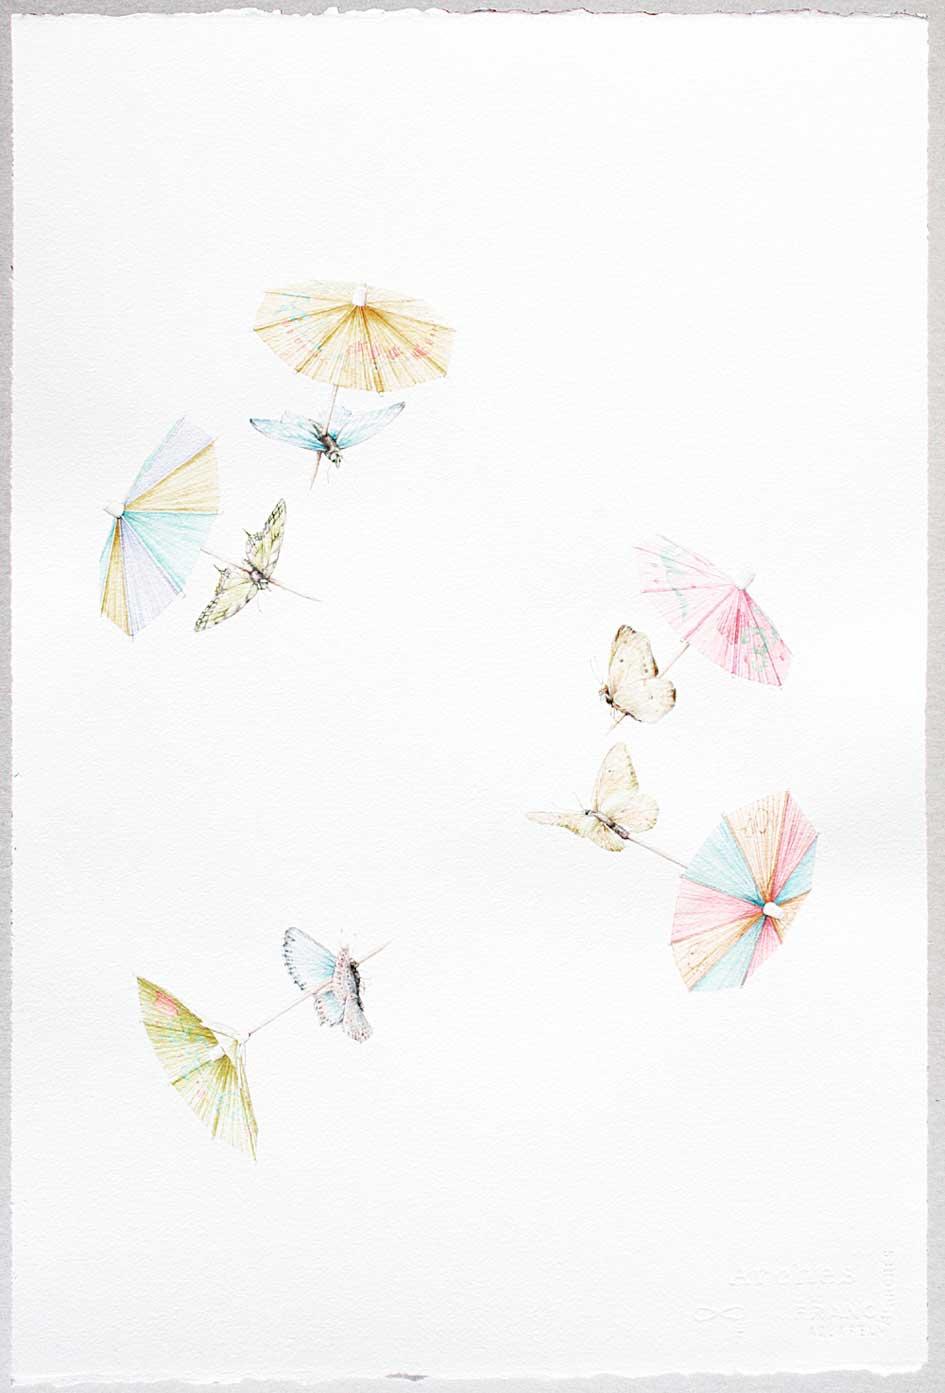 © LARS-HINRICHS, UNTITLED (BUTTERFLIES), 2012, AQUARELLE, 56 X 38 CM